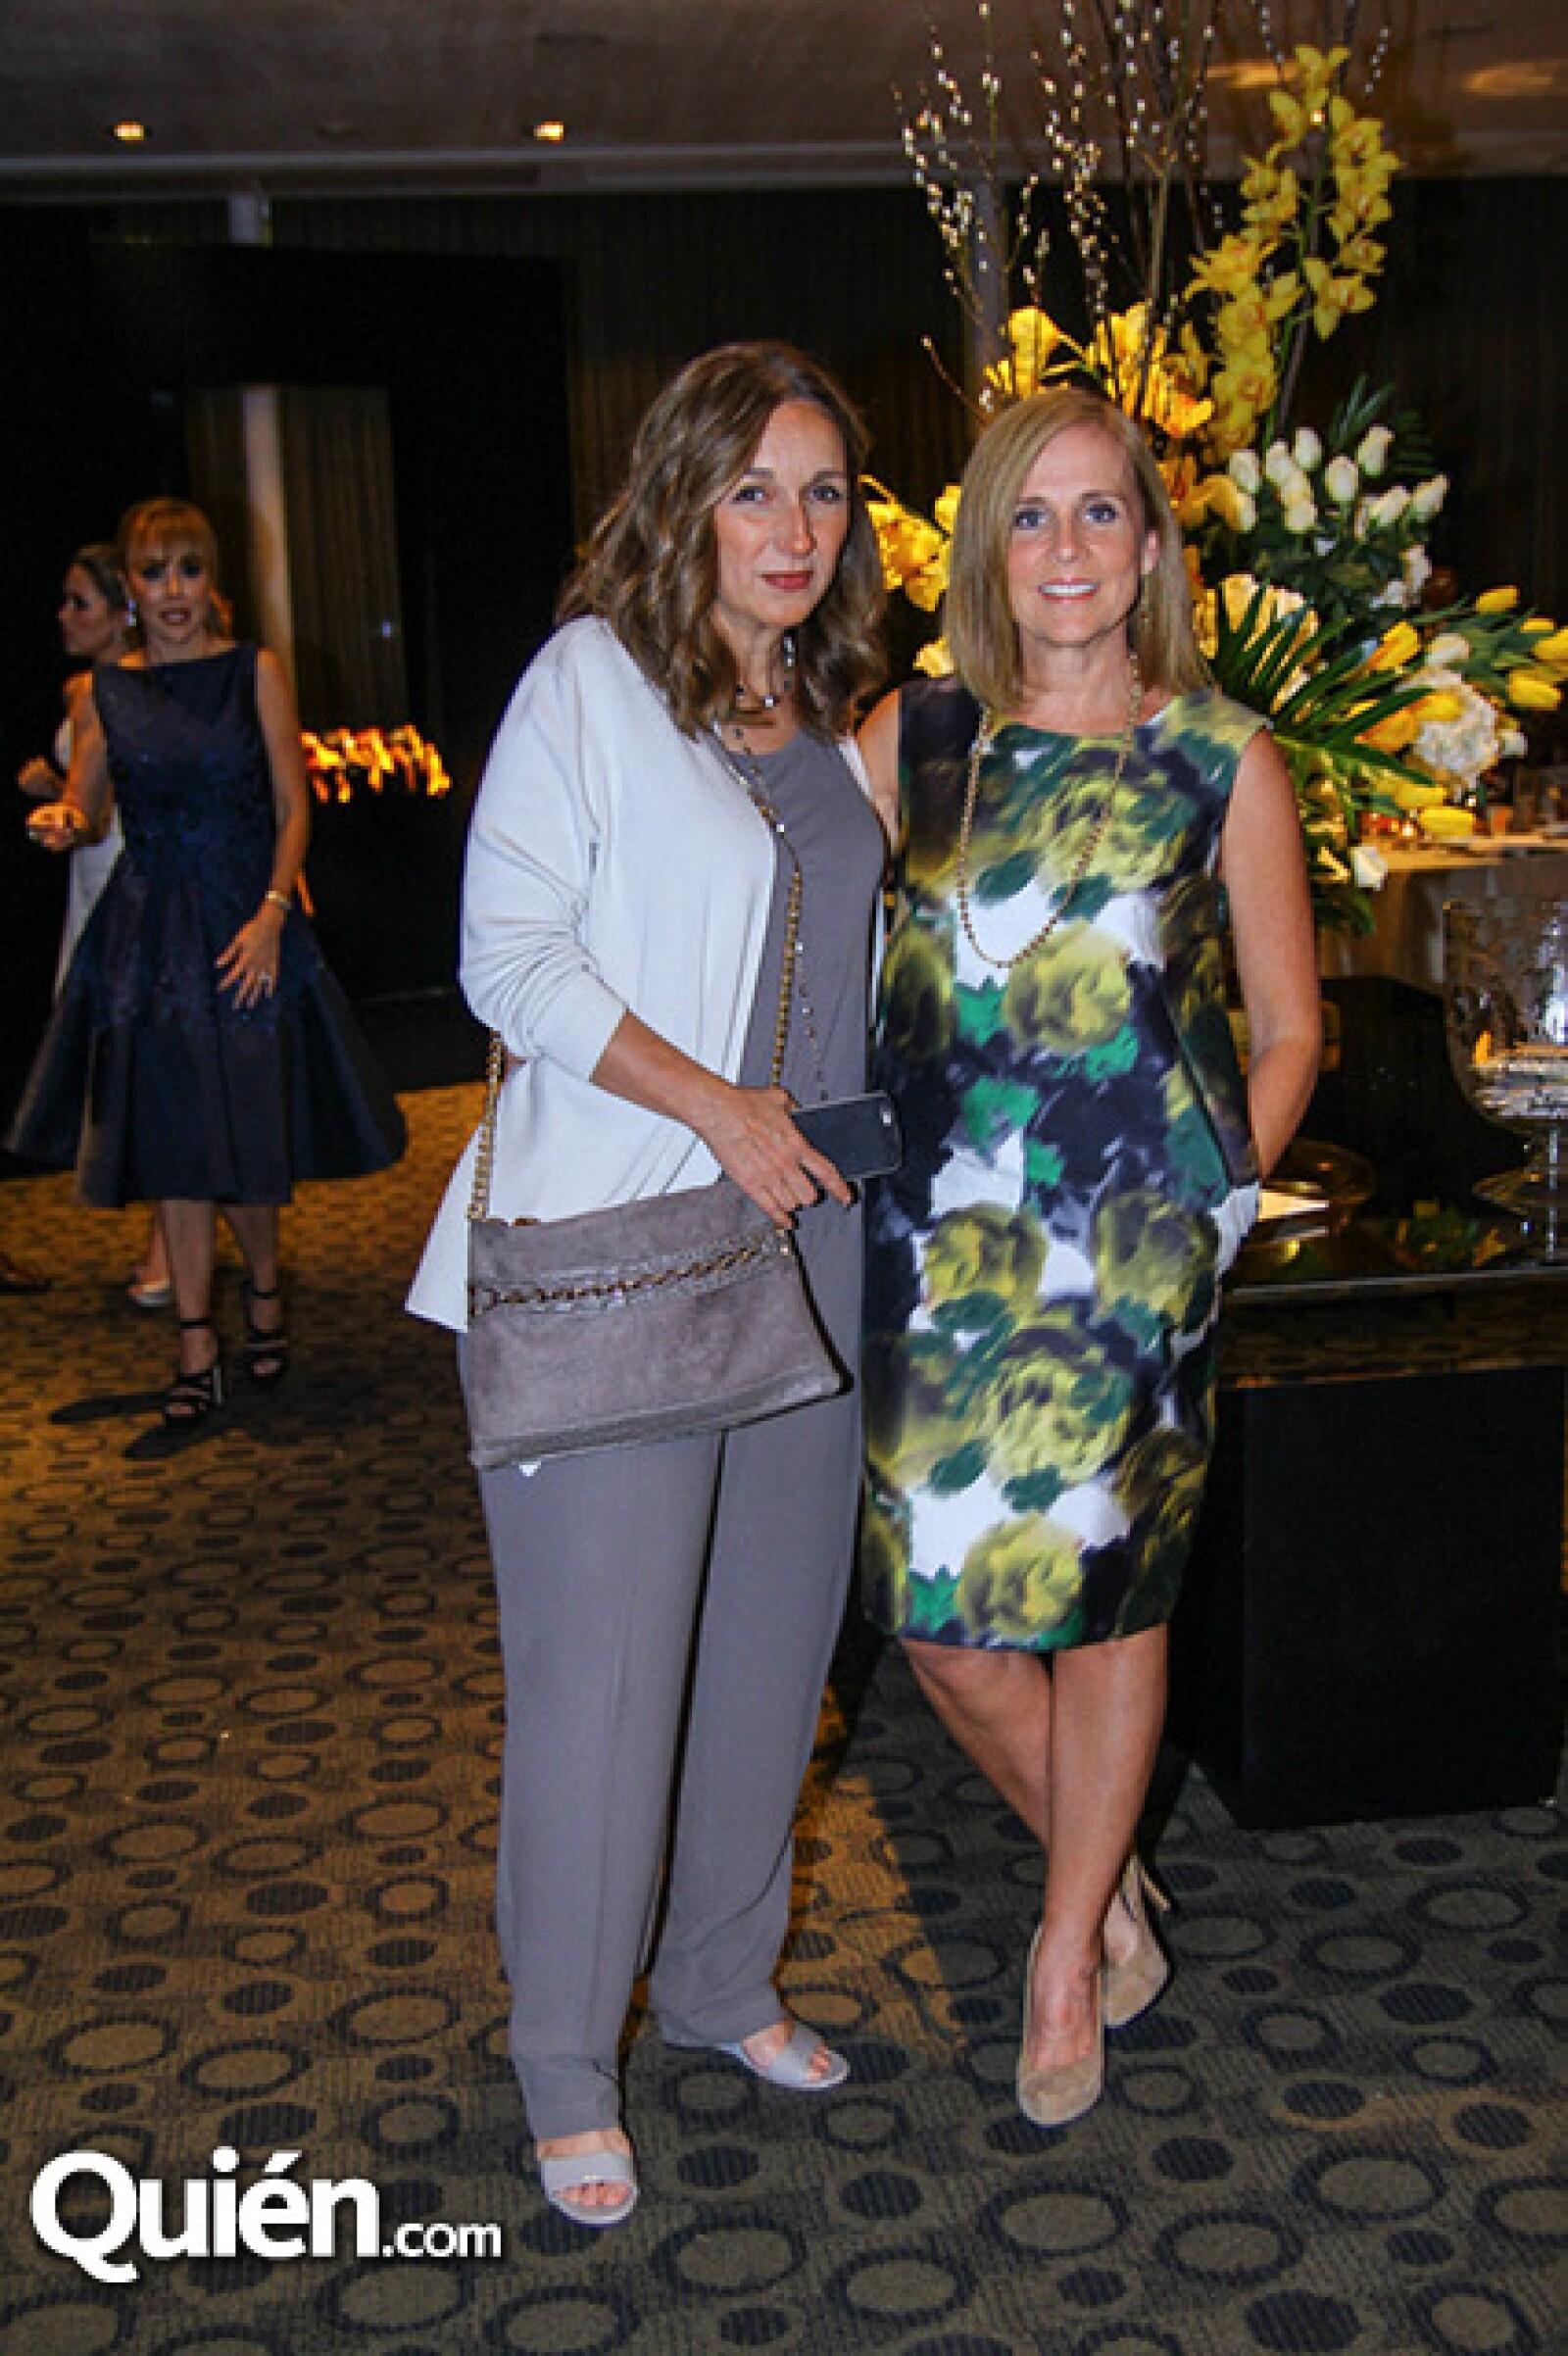 Adriana Cotera de Montemayor y Anette Gregory de Dabdoub